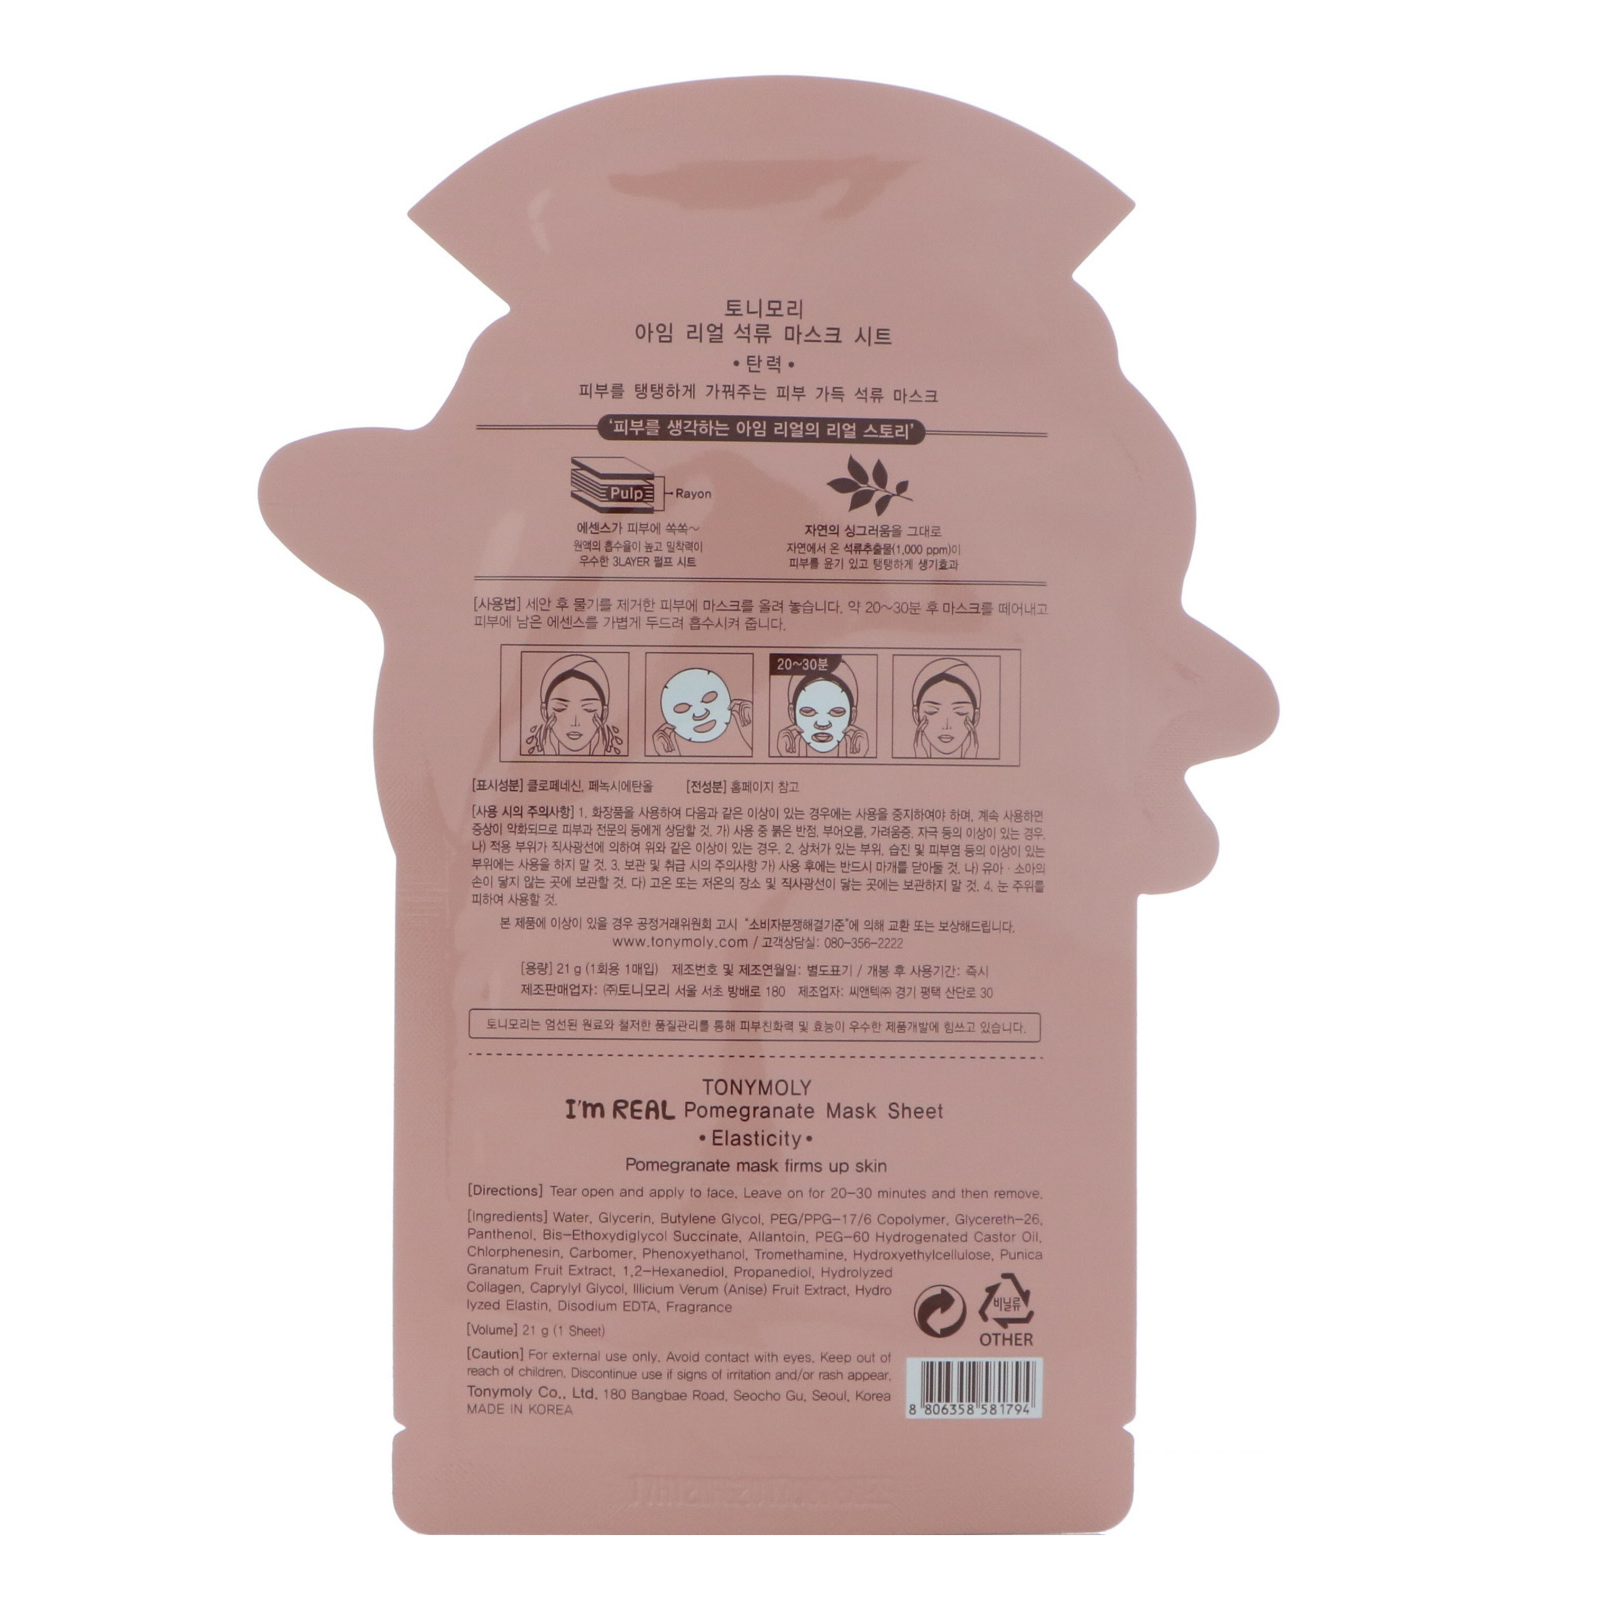 Tonymoly Im Real Pomegranate Mask Sheet - Elasticity Lantiseptic Skin Protectant, 0.5 oz. Packet Part No. 0305 Qty  Per Case